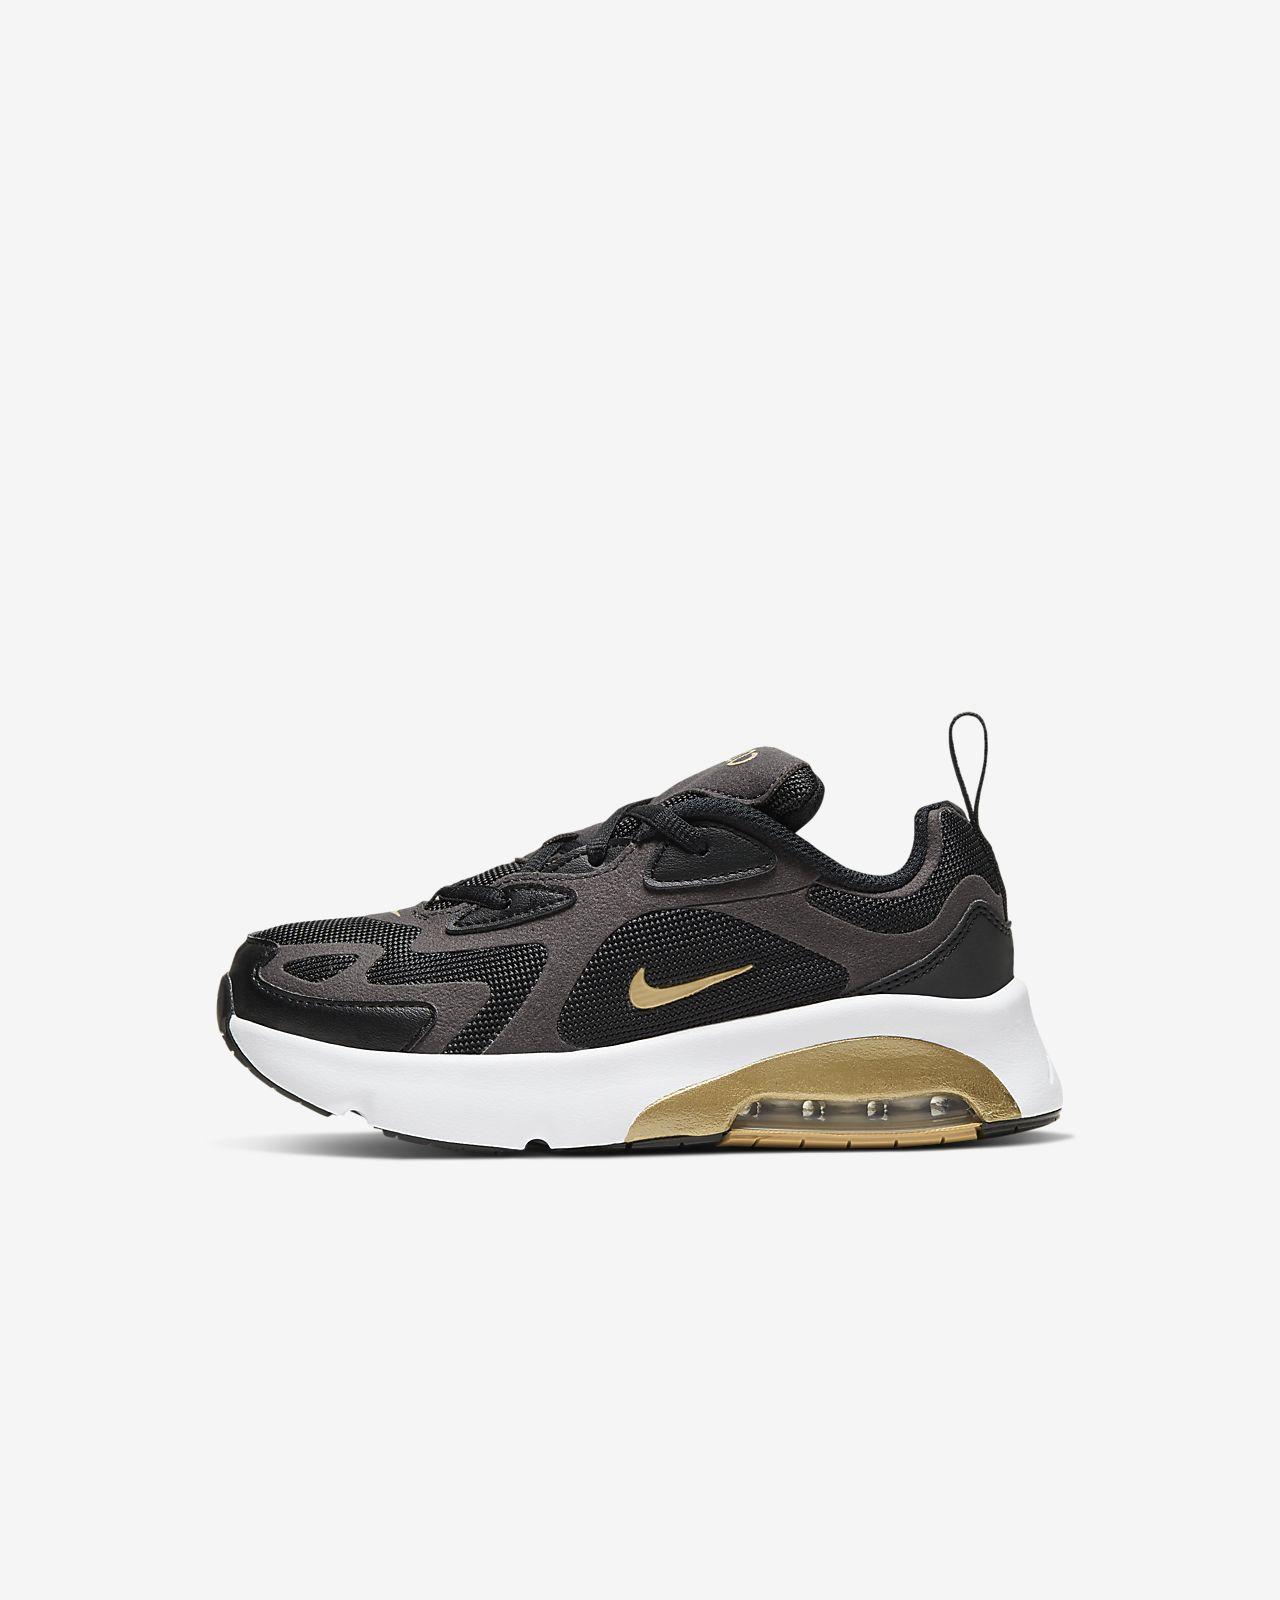 Παπούτσι Nike Air Max 200 για μικρά παιδιά